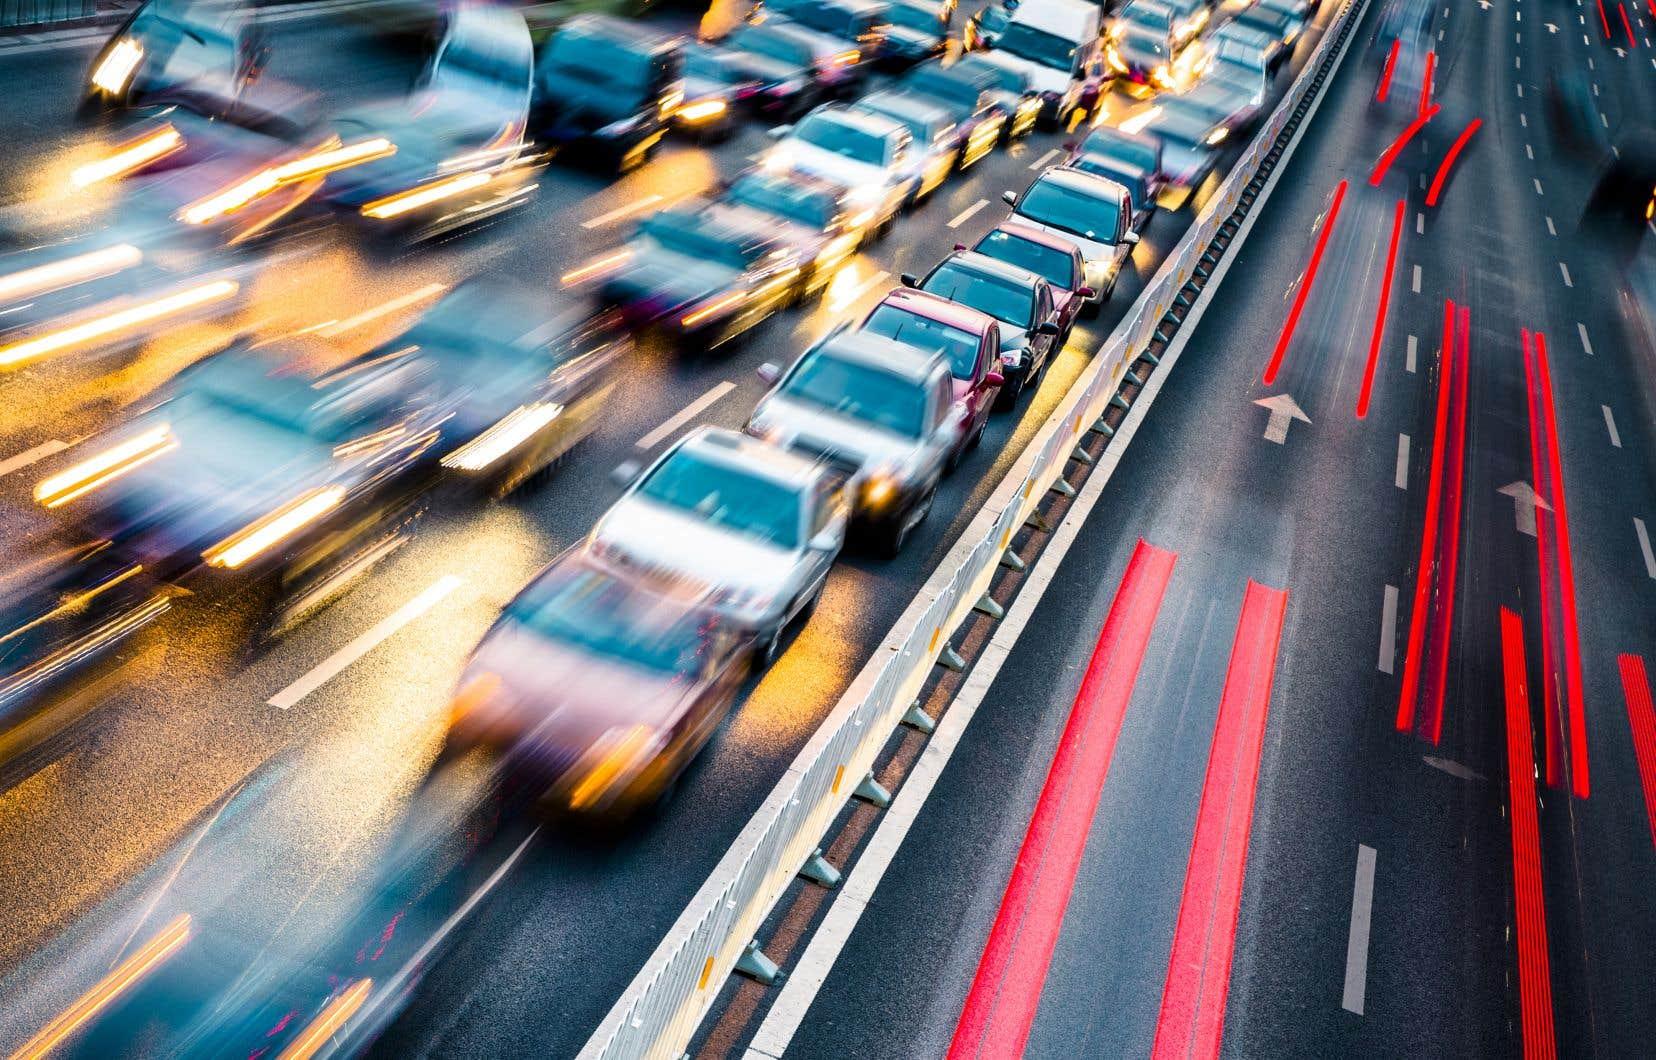 «La rapidité et la fluidité du trafic continuent d'être les principales préoccupations pour la gestion du réseau routier», rappelle l'auteur.